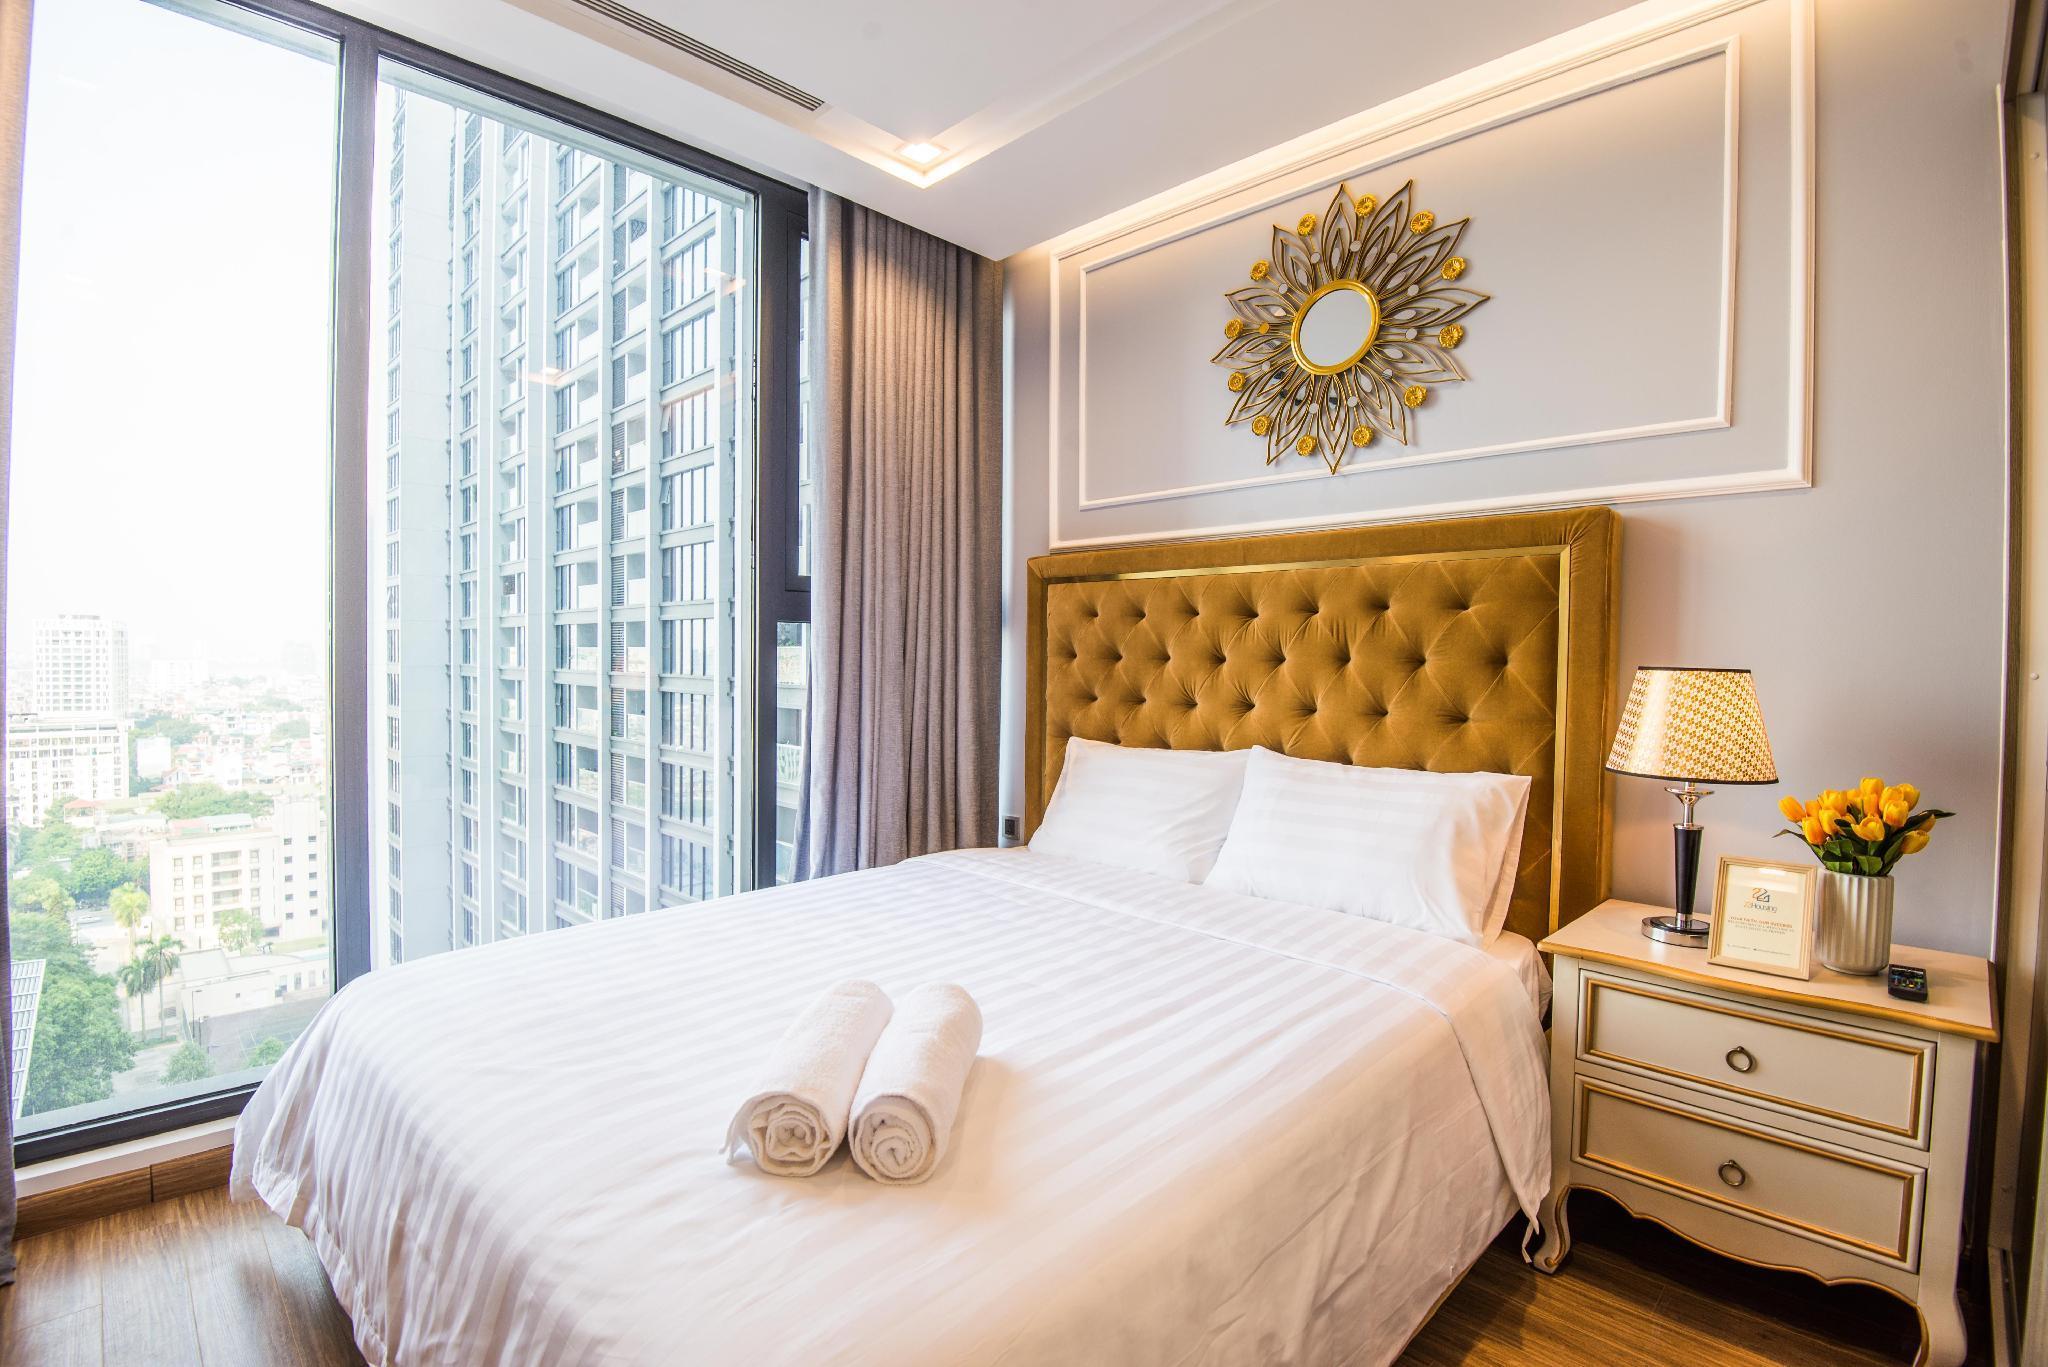 1BR Cozy Apartment In Vinhomes Metropolis